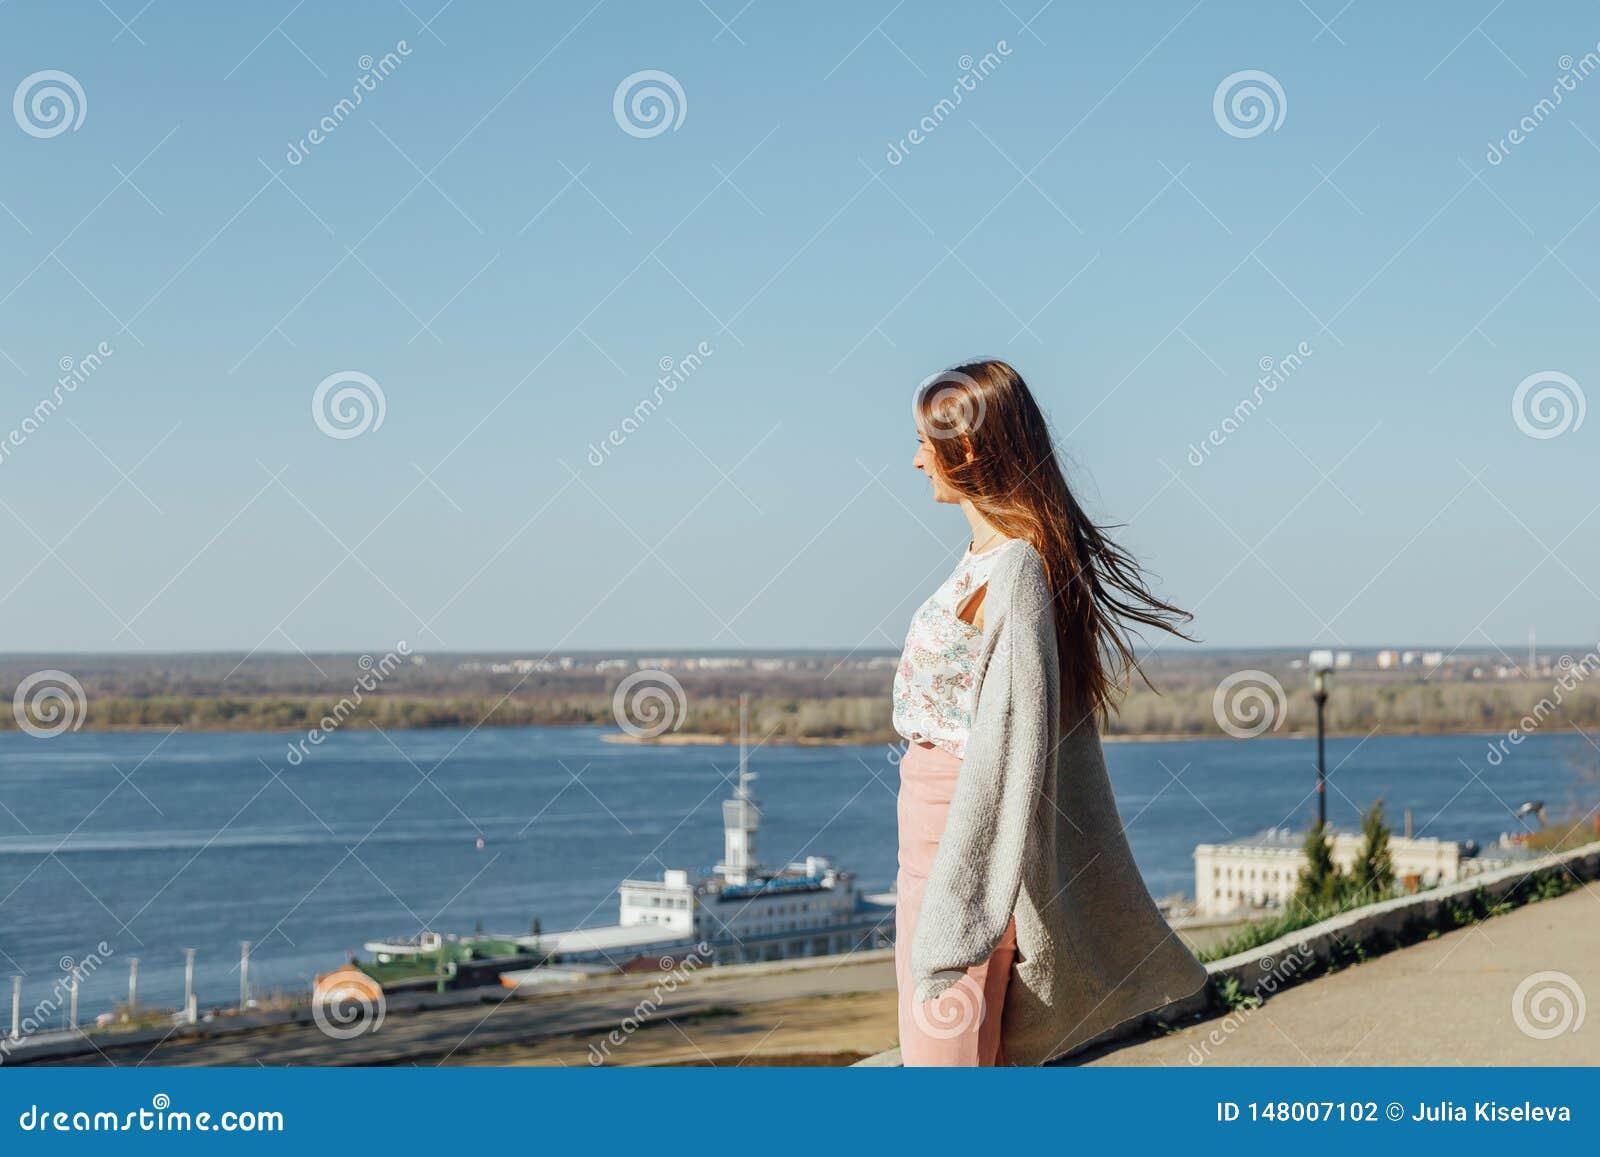 Uma moça na terraplenagem de um grande rio, olhando a água